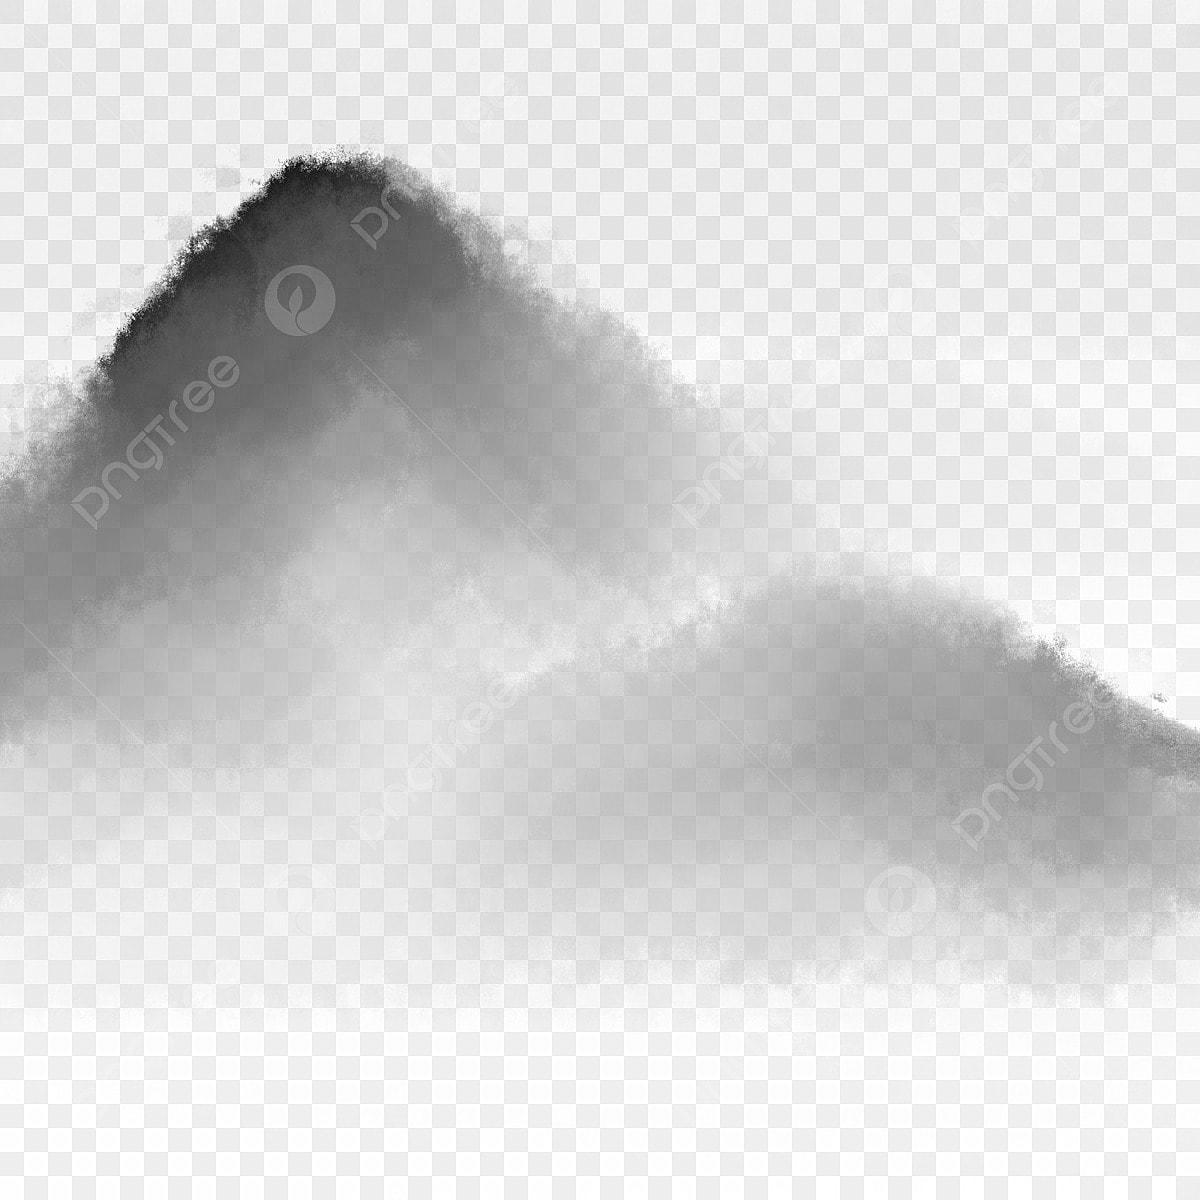 ベクトル山脈風景イラスト 線山 手描きの高山 峰画像素材の無料